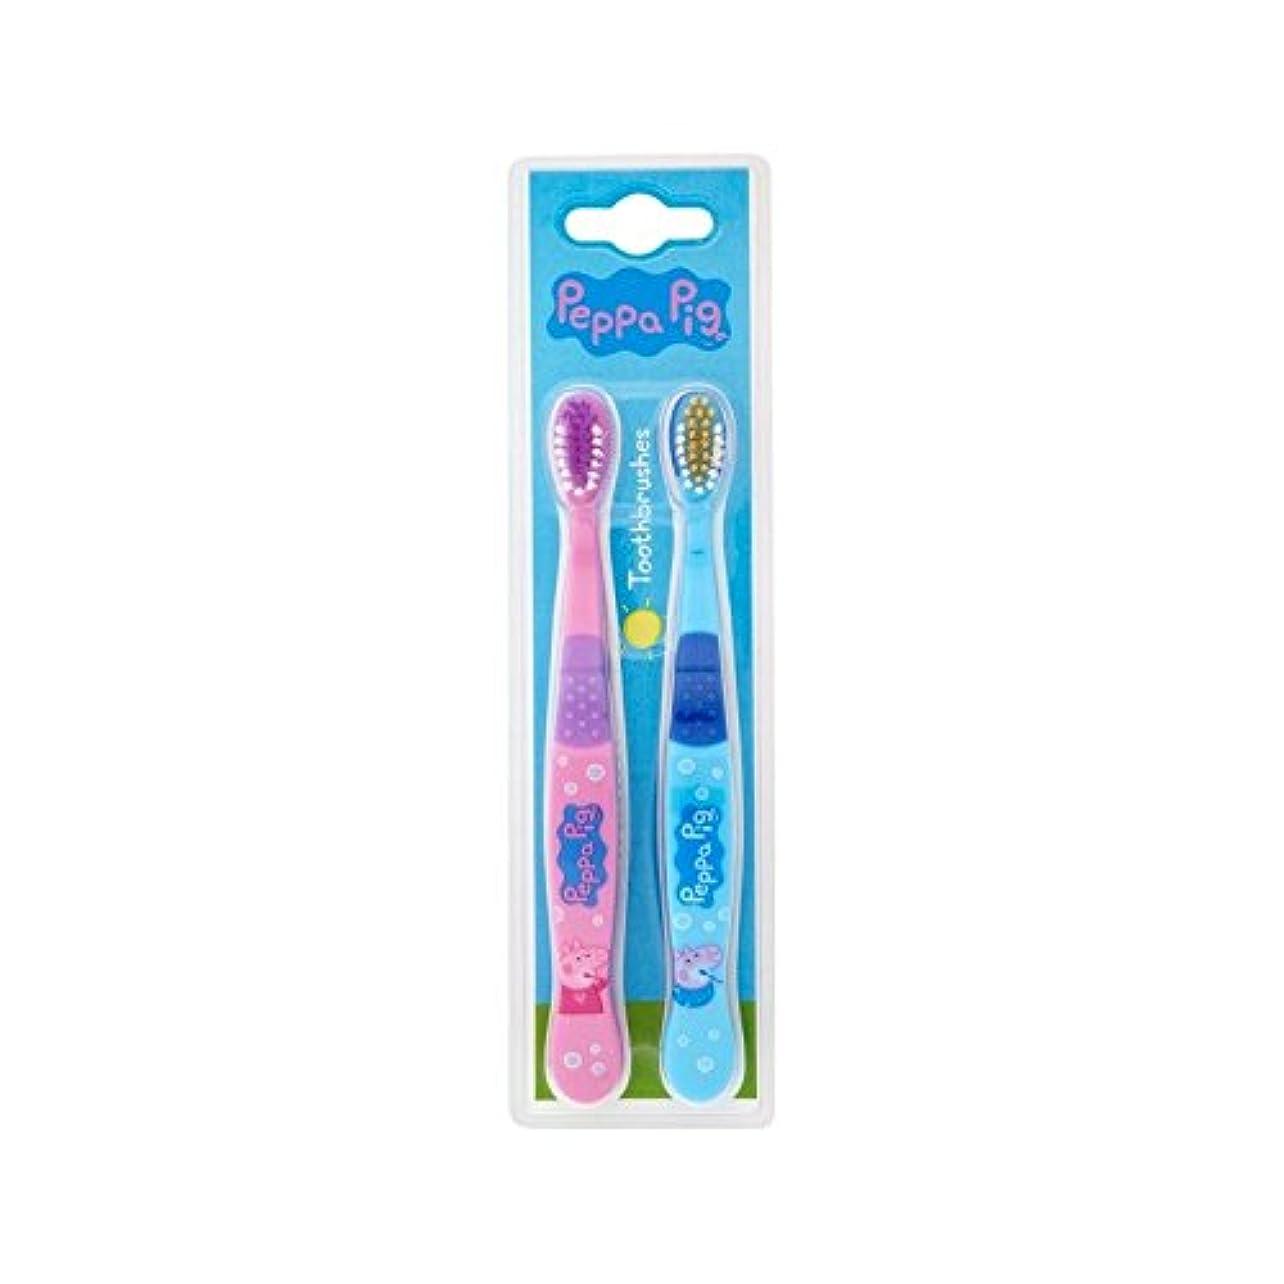 ではごきげんよう物語価値1パックツイン歯ブラシ2 (Peppa Pig) (x 4) - Peppa Pig Twin Toothbrush 2 per pack (Pack of 4) [並行輸入品]